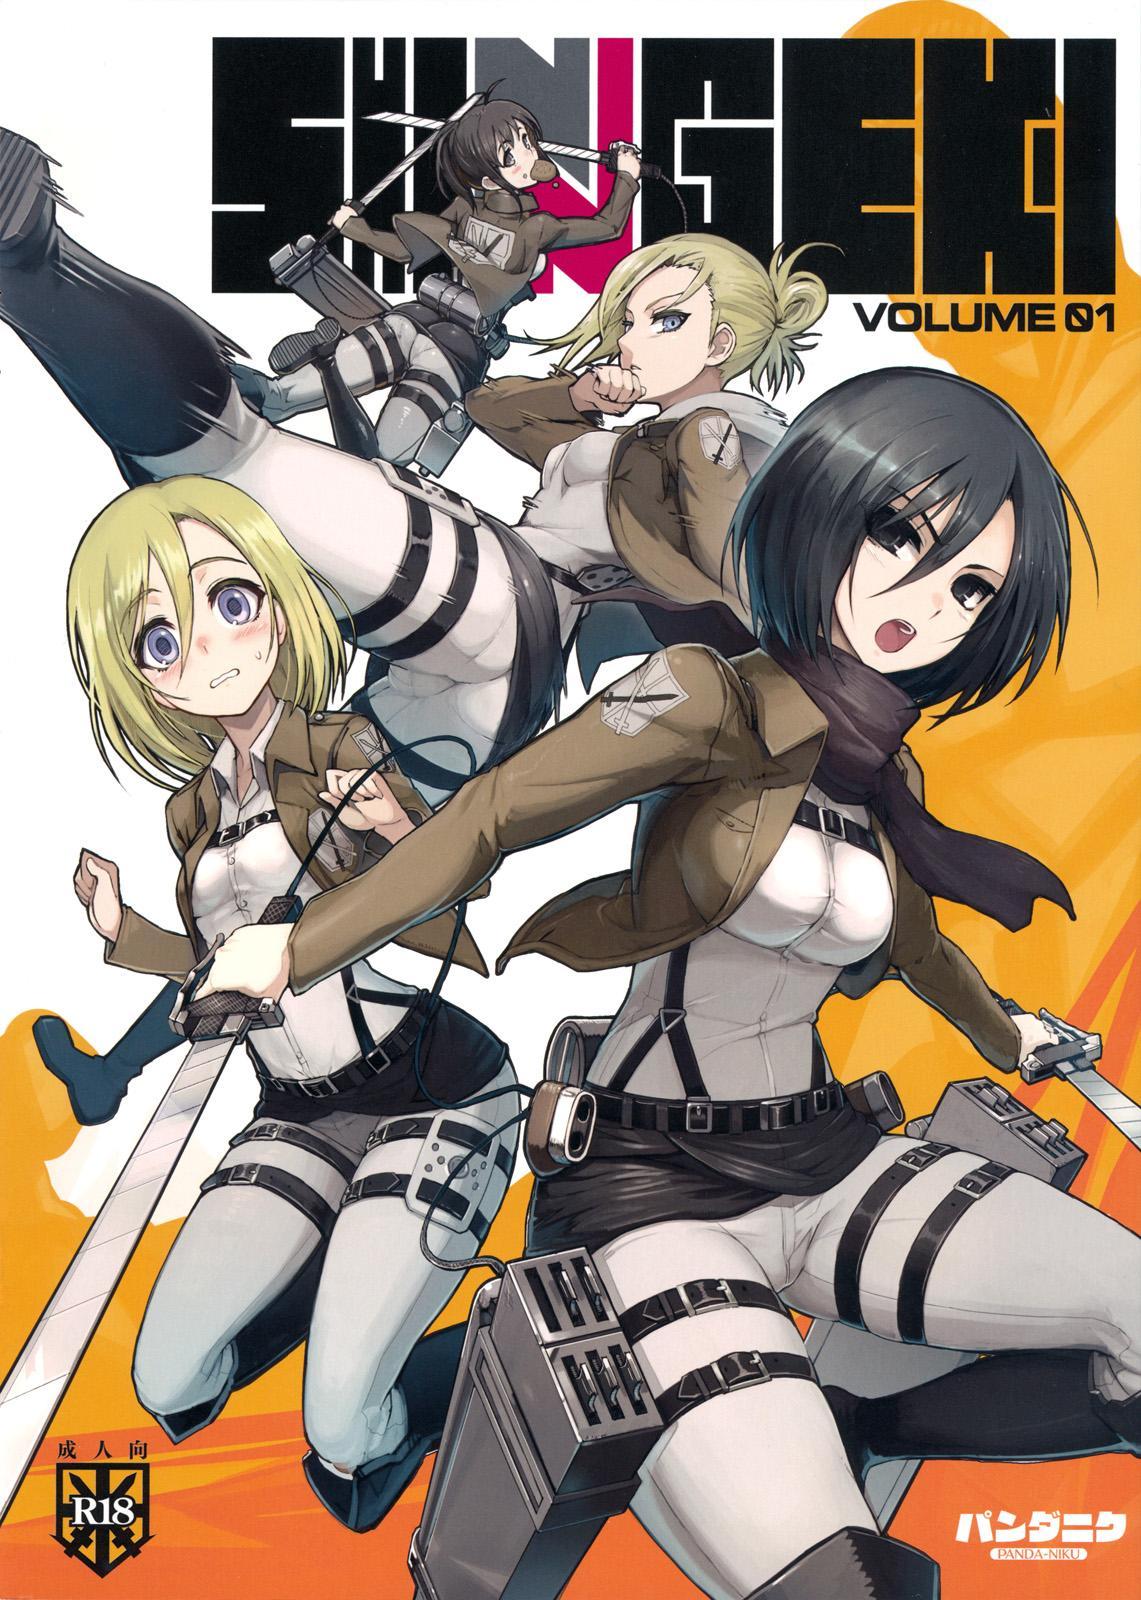 SHINNGEKI vol. 1 0